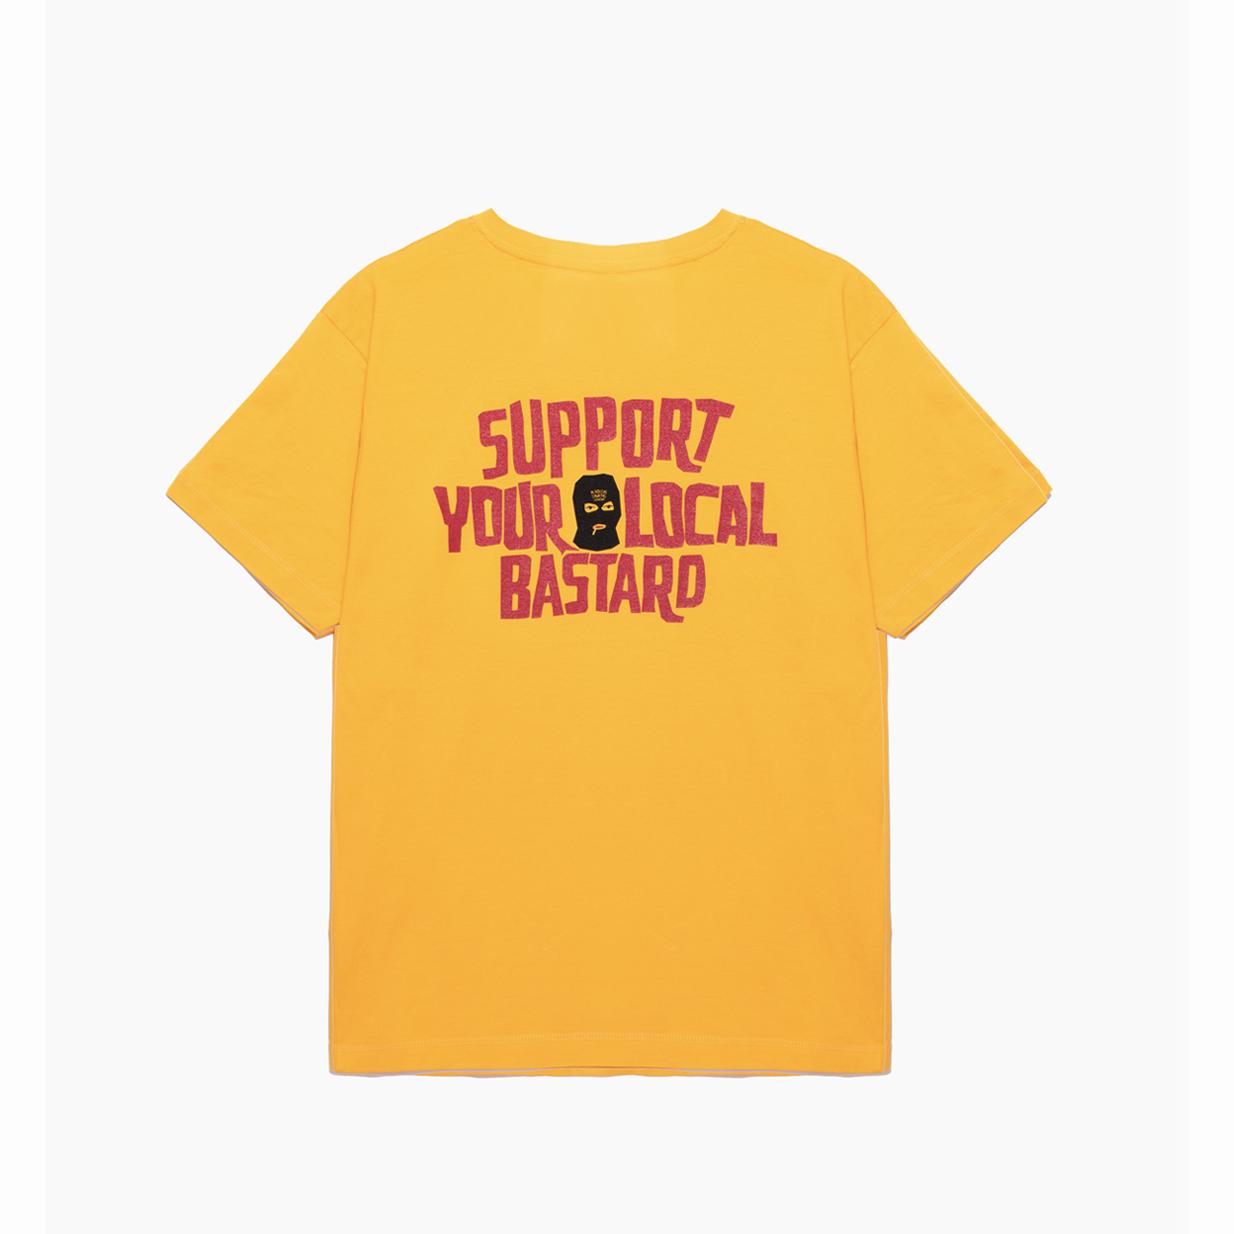 Bastard x Kiosk Tee Back